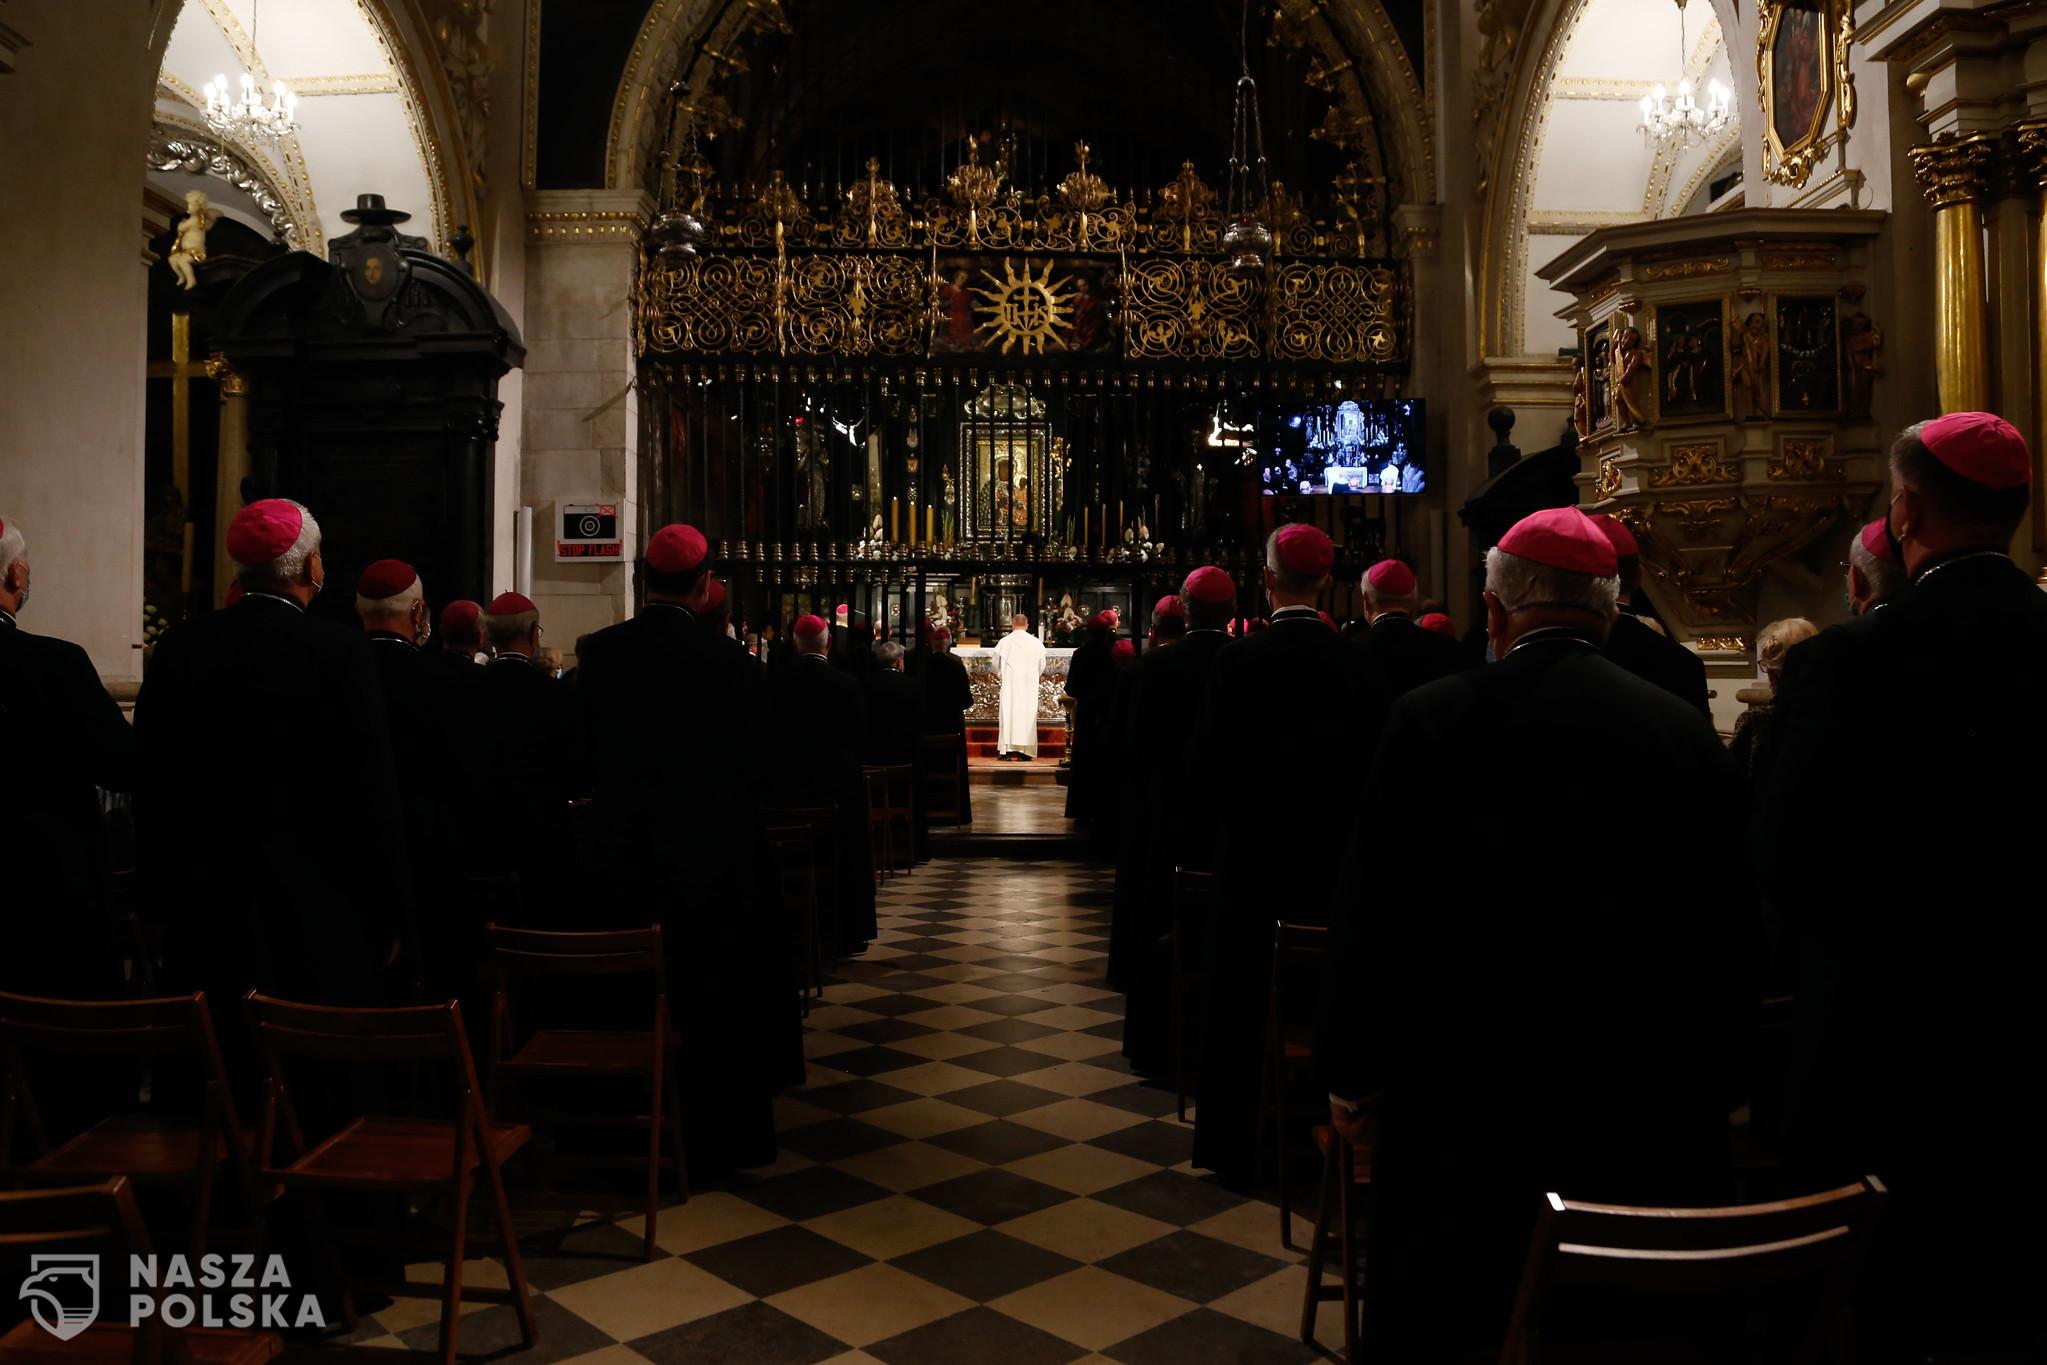 Kościół to dla Polaków coraz częściej zakłamana korporacja